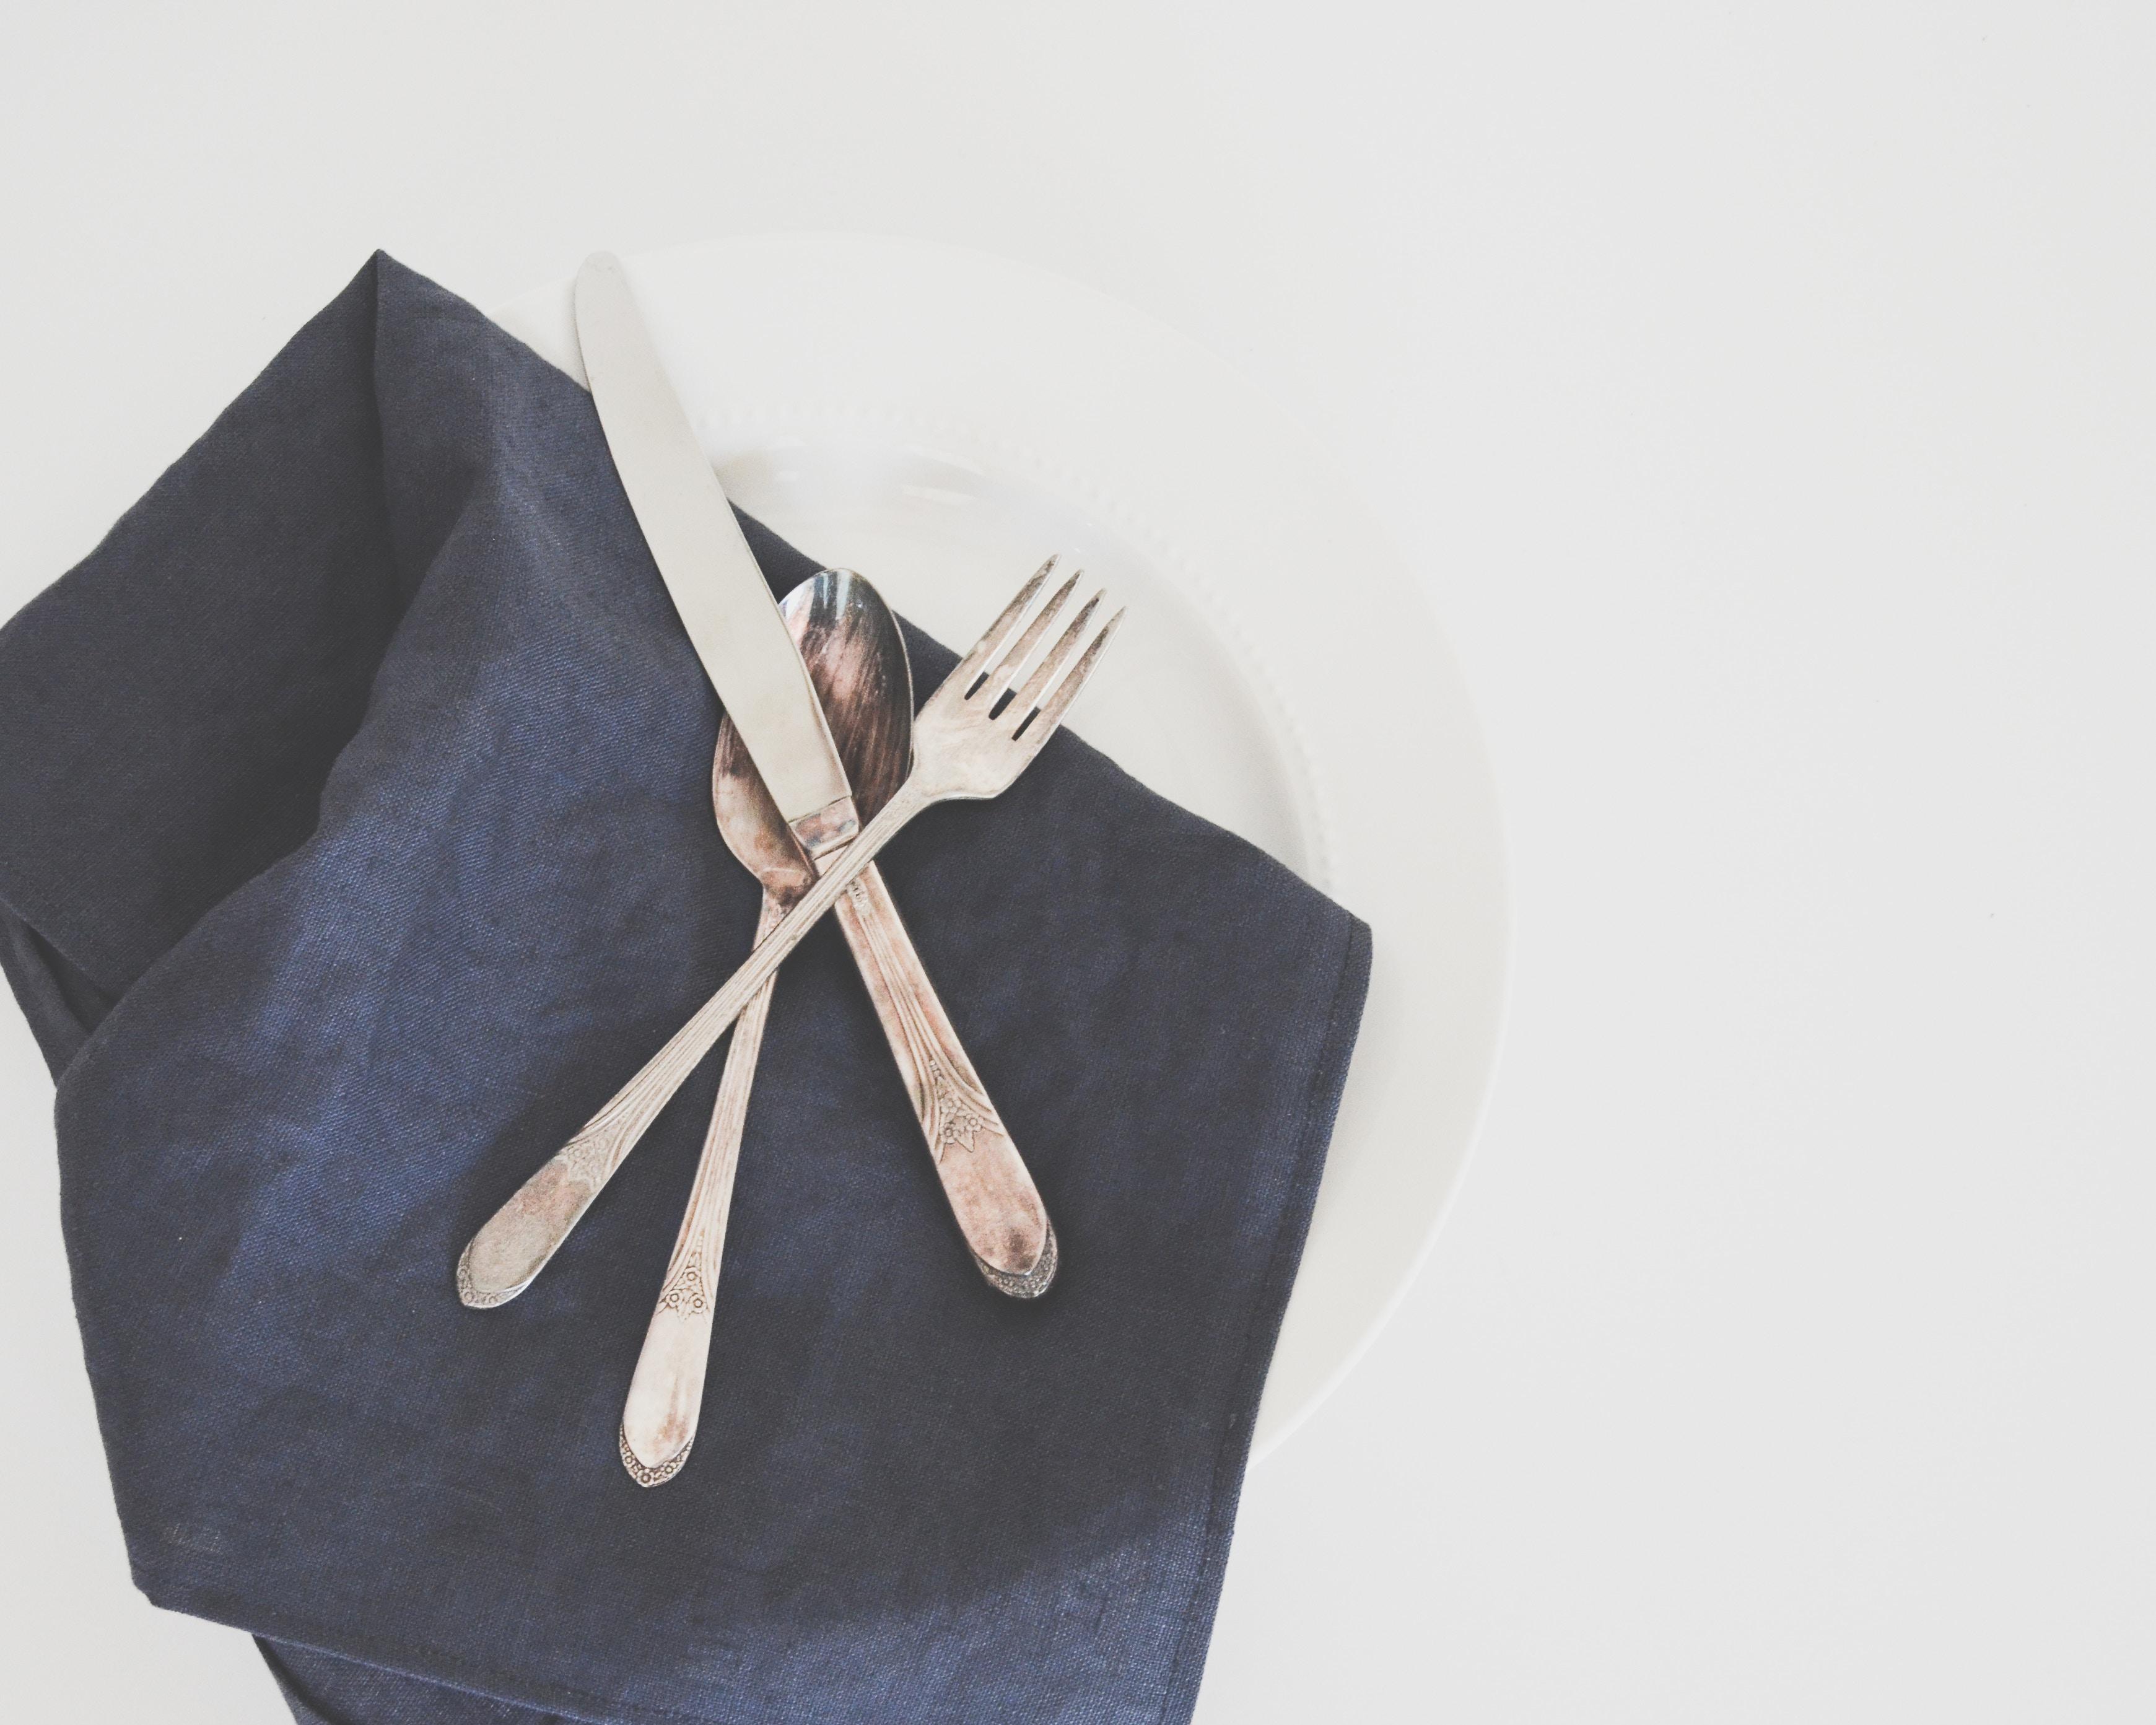 Mangiare bene in uno dei posti più belli di Brescia